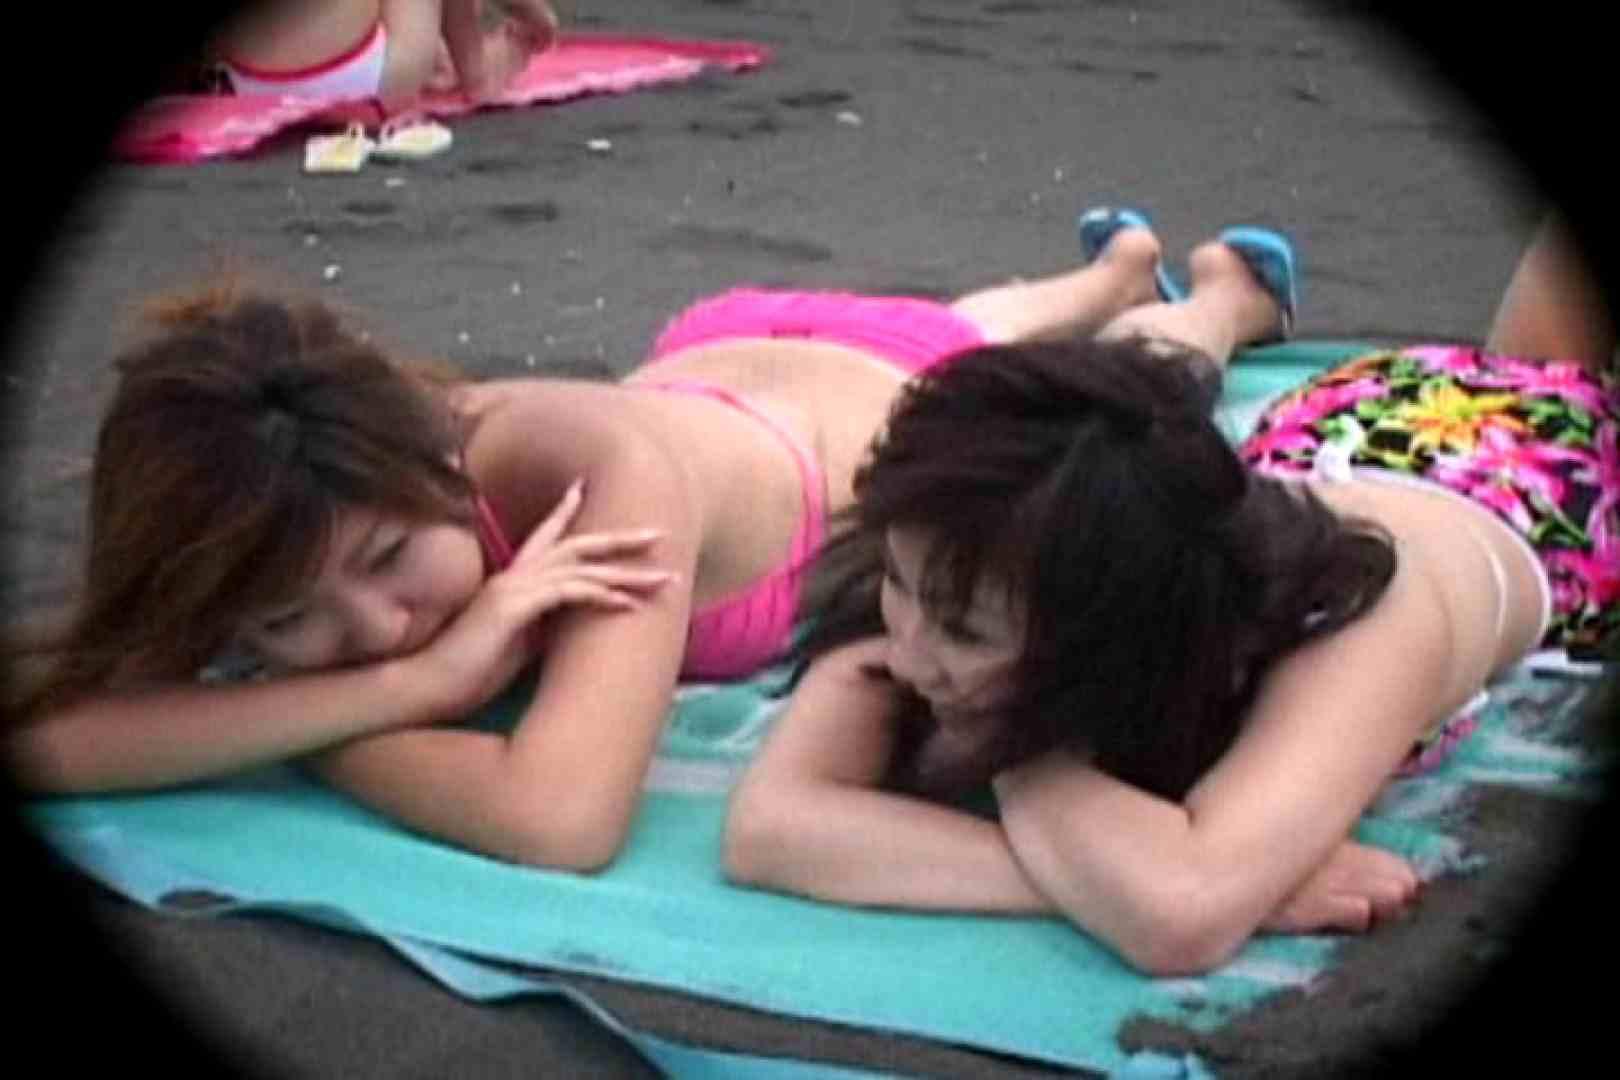 ビーチで発見!!はしゃぎ過ぎポロリギャルVol.1 ギャルライフ   乳首  109pic 45